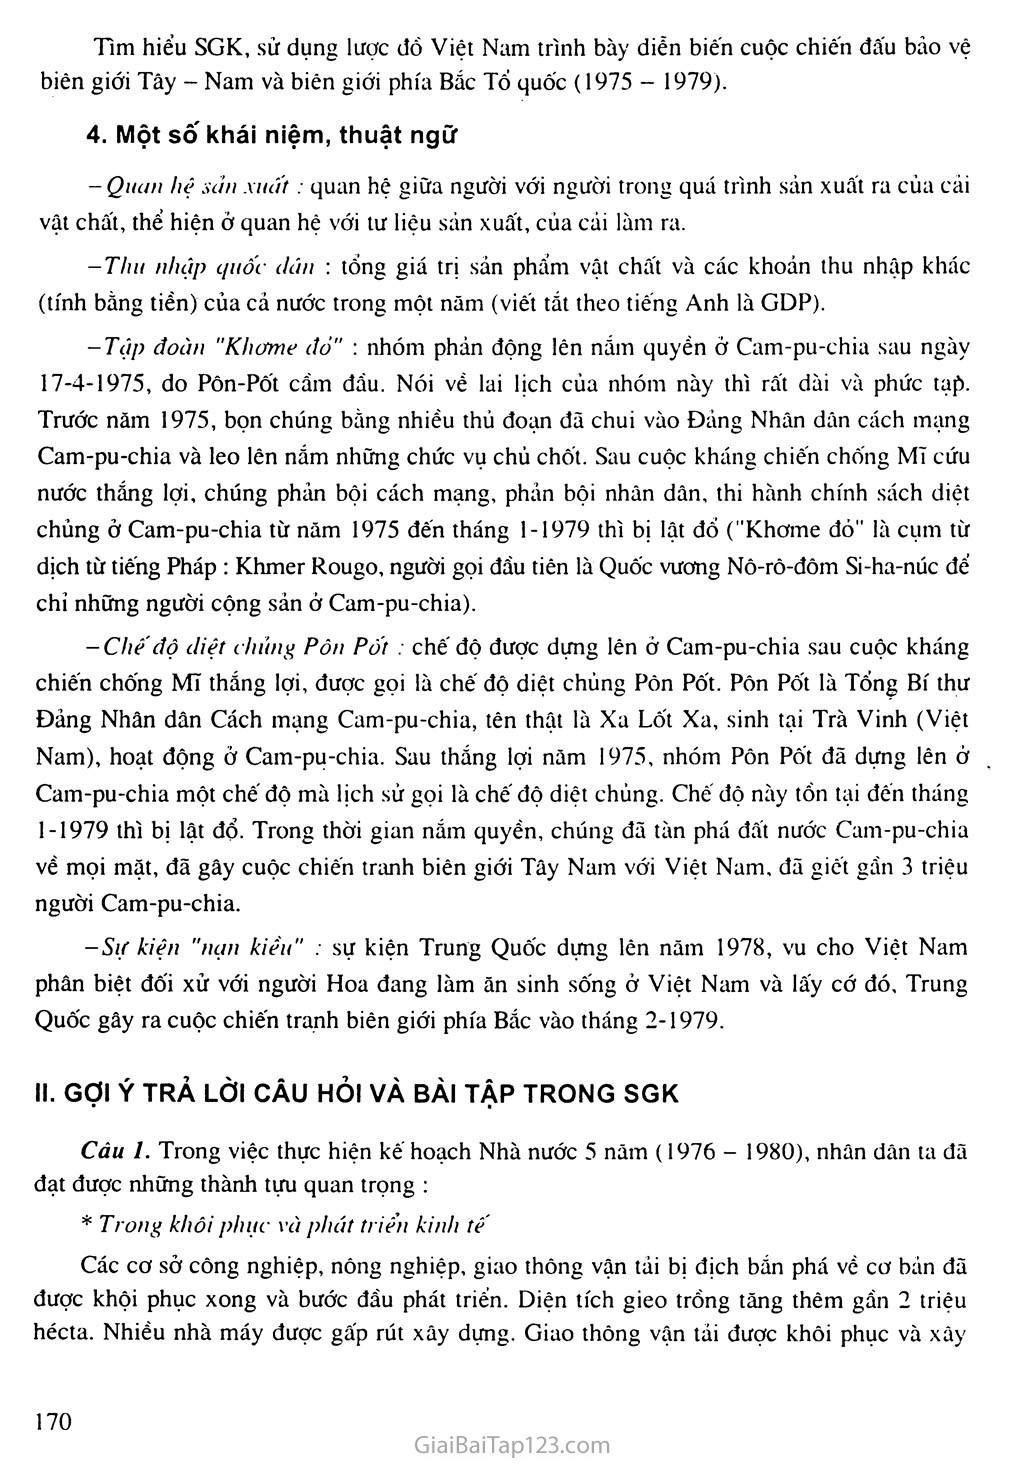 Bài 32: Xây dựng đất nước, đấu tranh bảo vệ Tổ quốc (1976 - 1985) trang 4